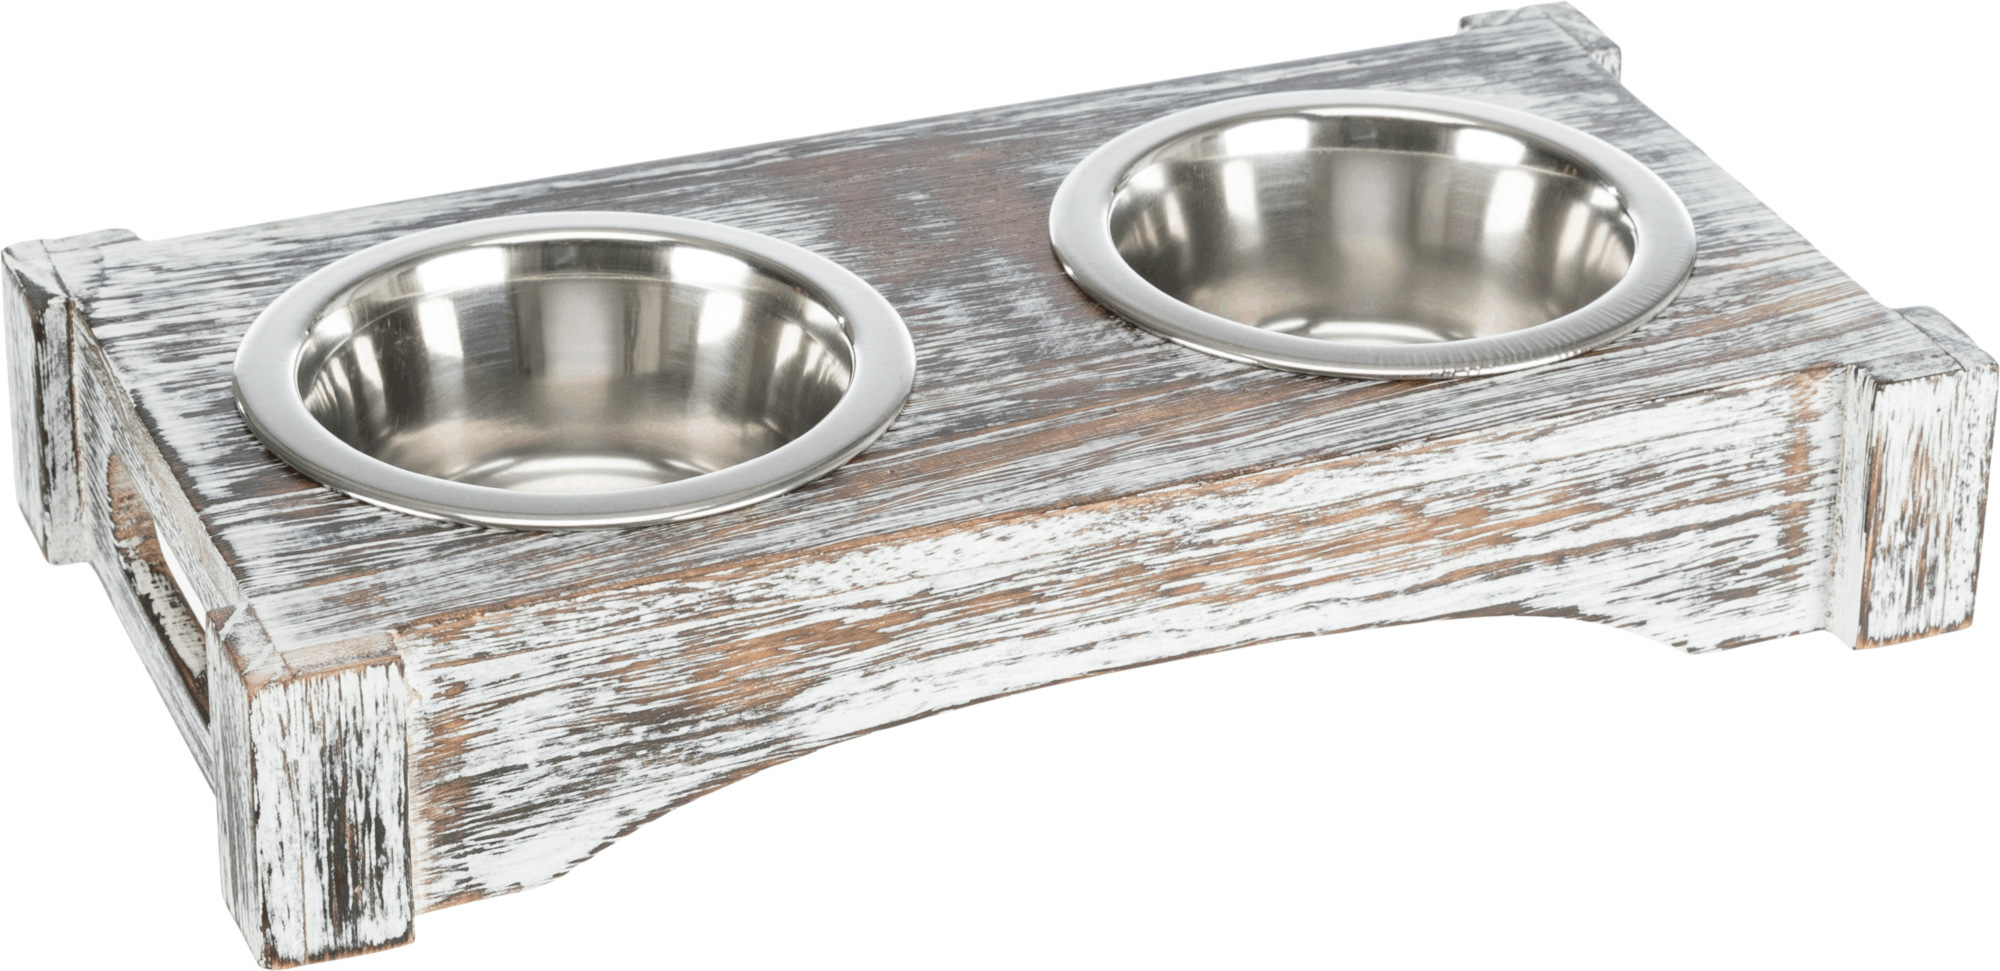 TRIXIE Napf-Set, Edelstahl/Holz TRIXIE Napf-Set, Edelstahl/Holz, 2 × 0,2 l/ø 10 cm/30 × 5 × 16 cm, weiß